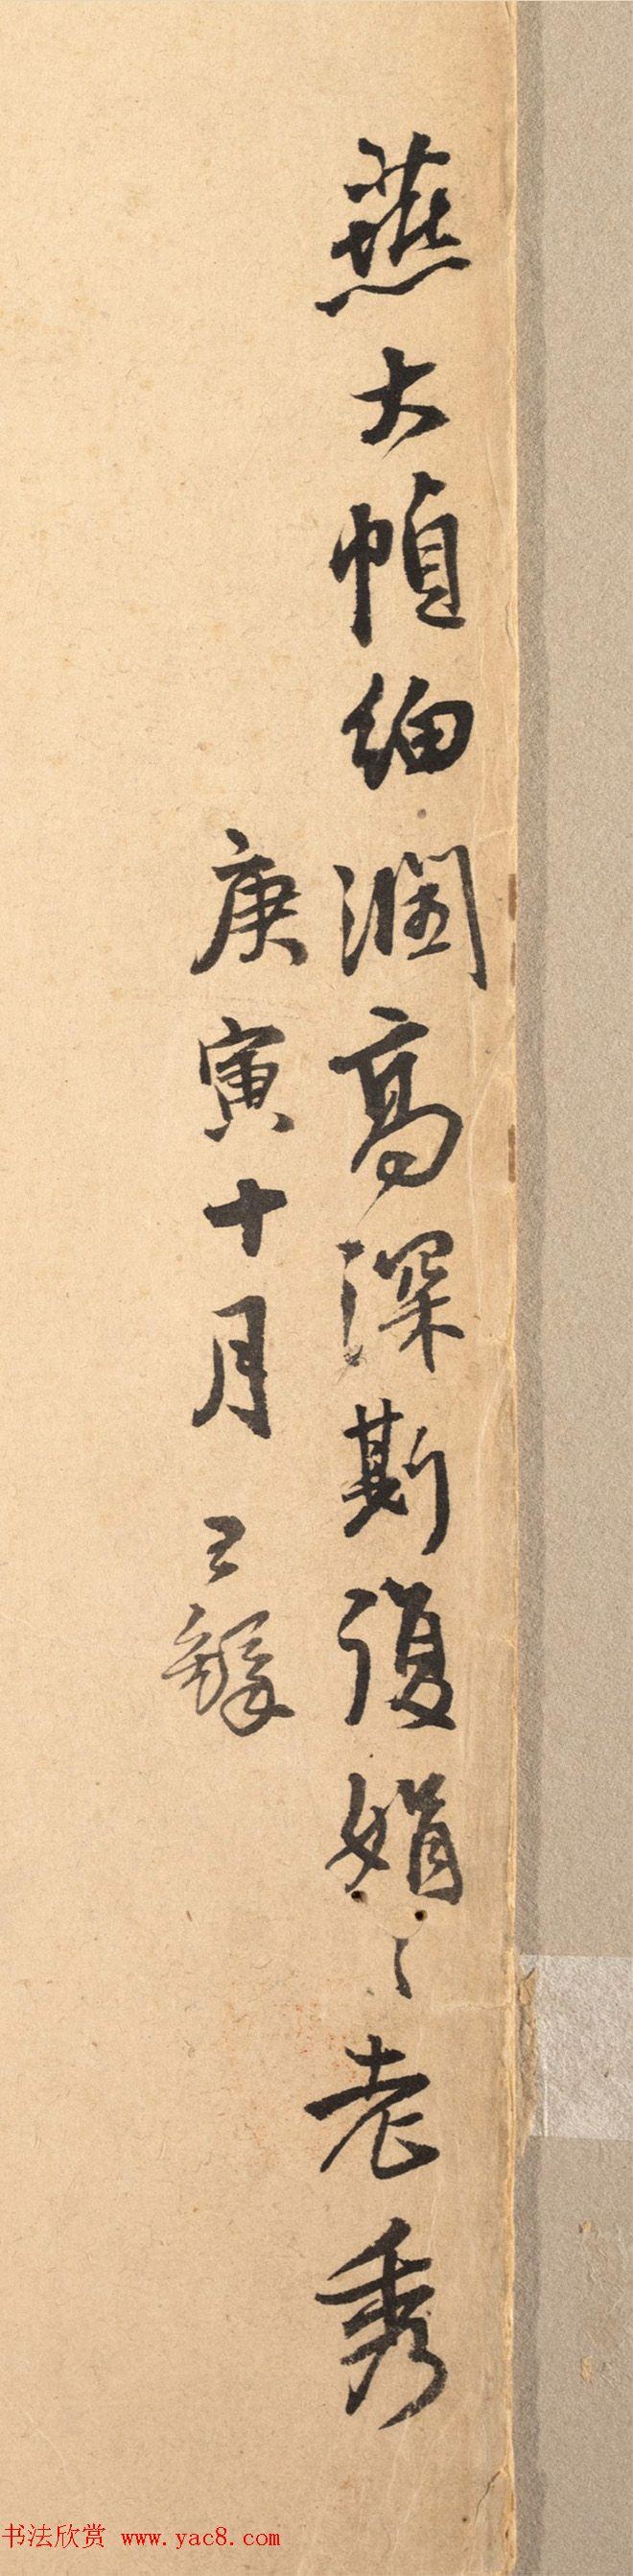 王铎行书书法题宋代团扇画册2帧